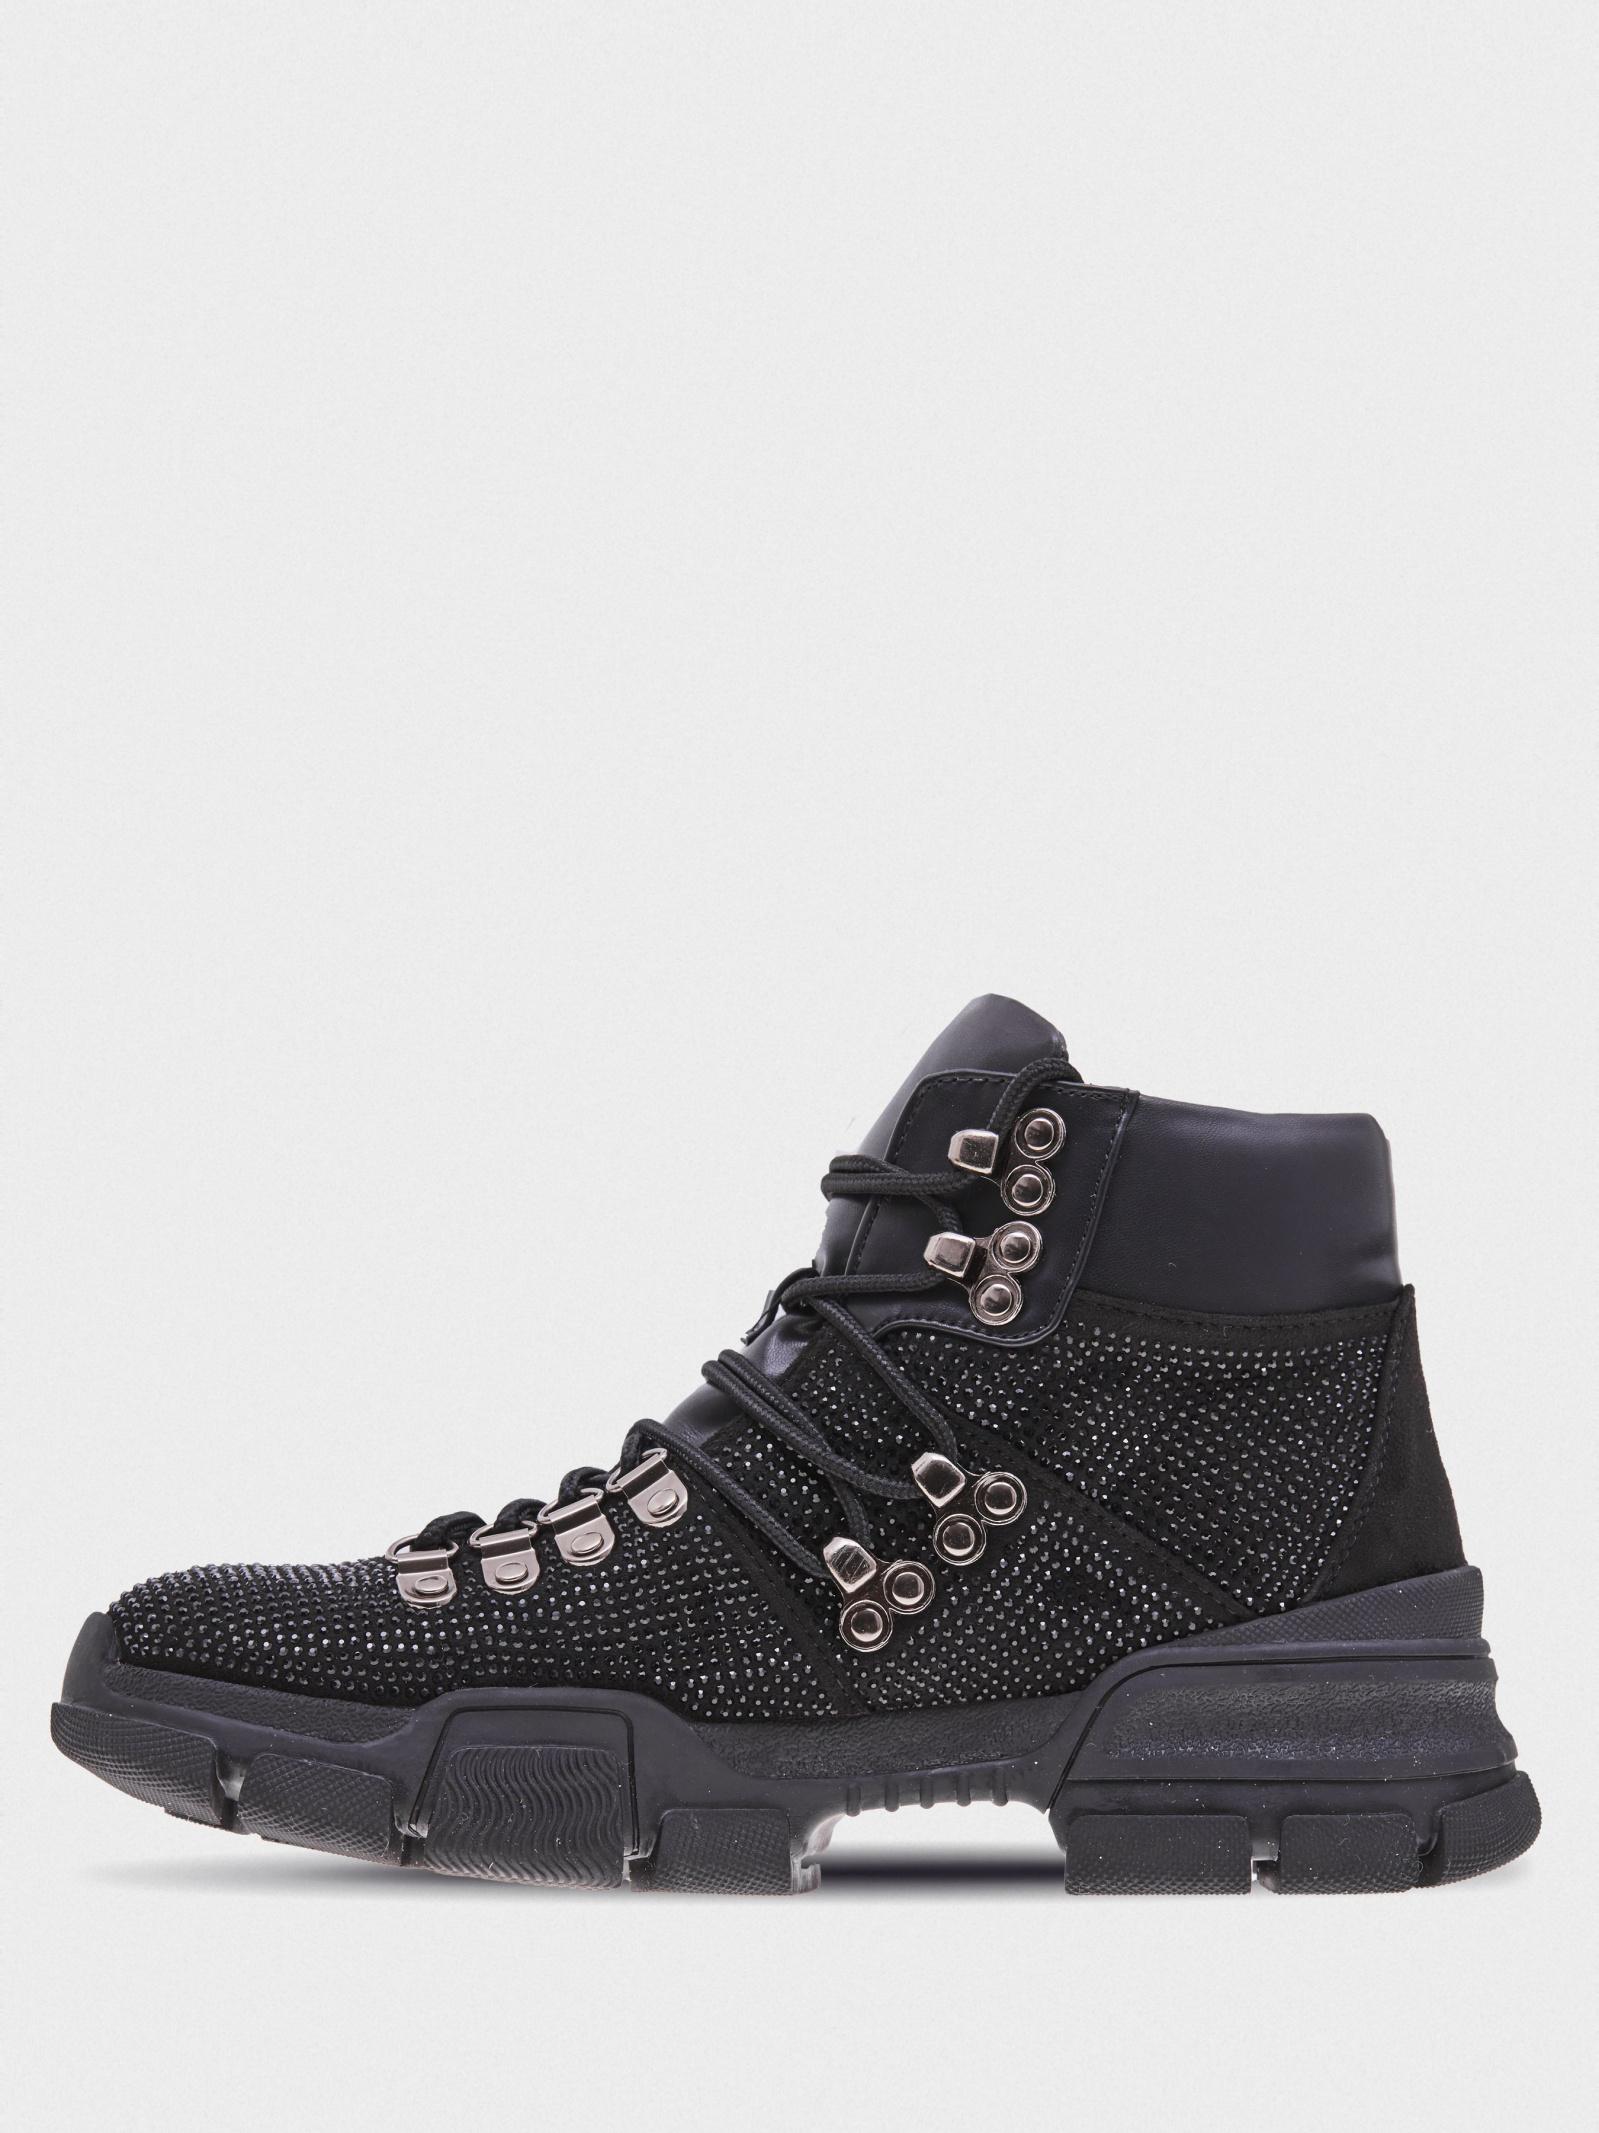 Ботинки для женщин INUOVO 5L49 цена, 2017